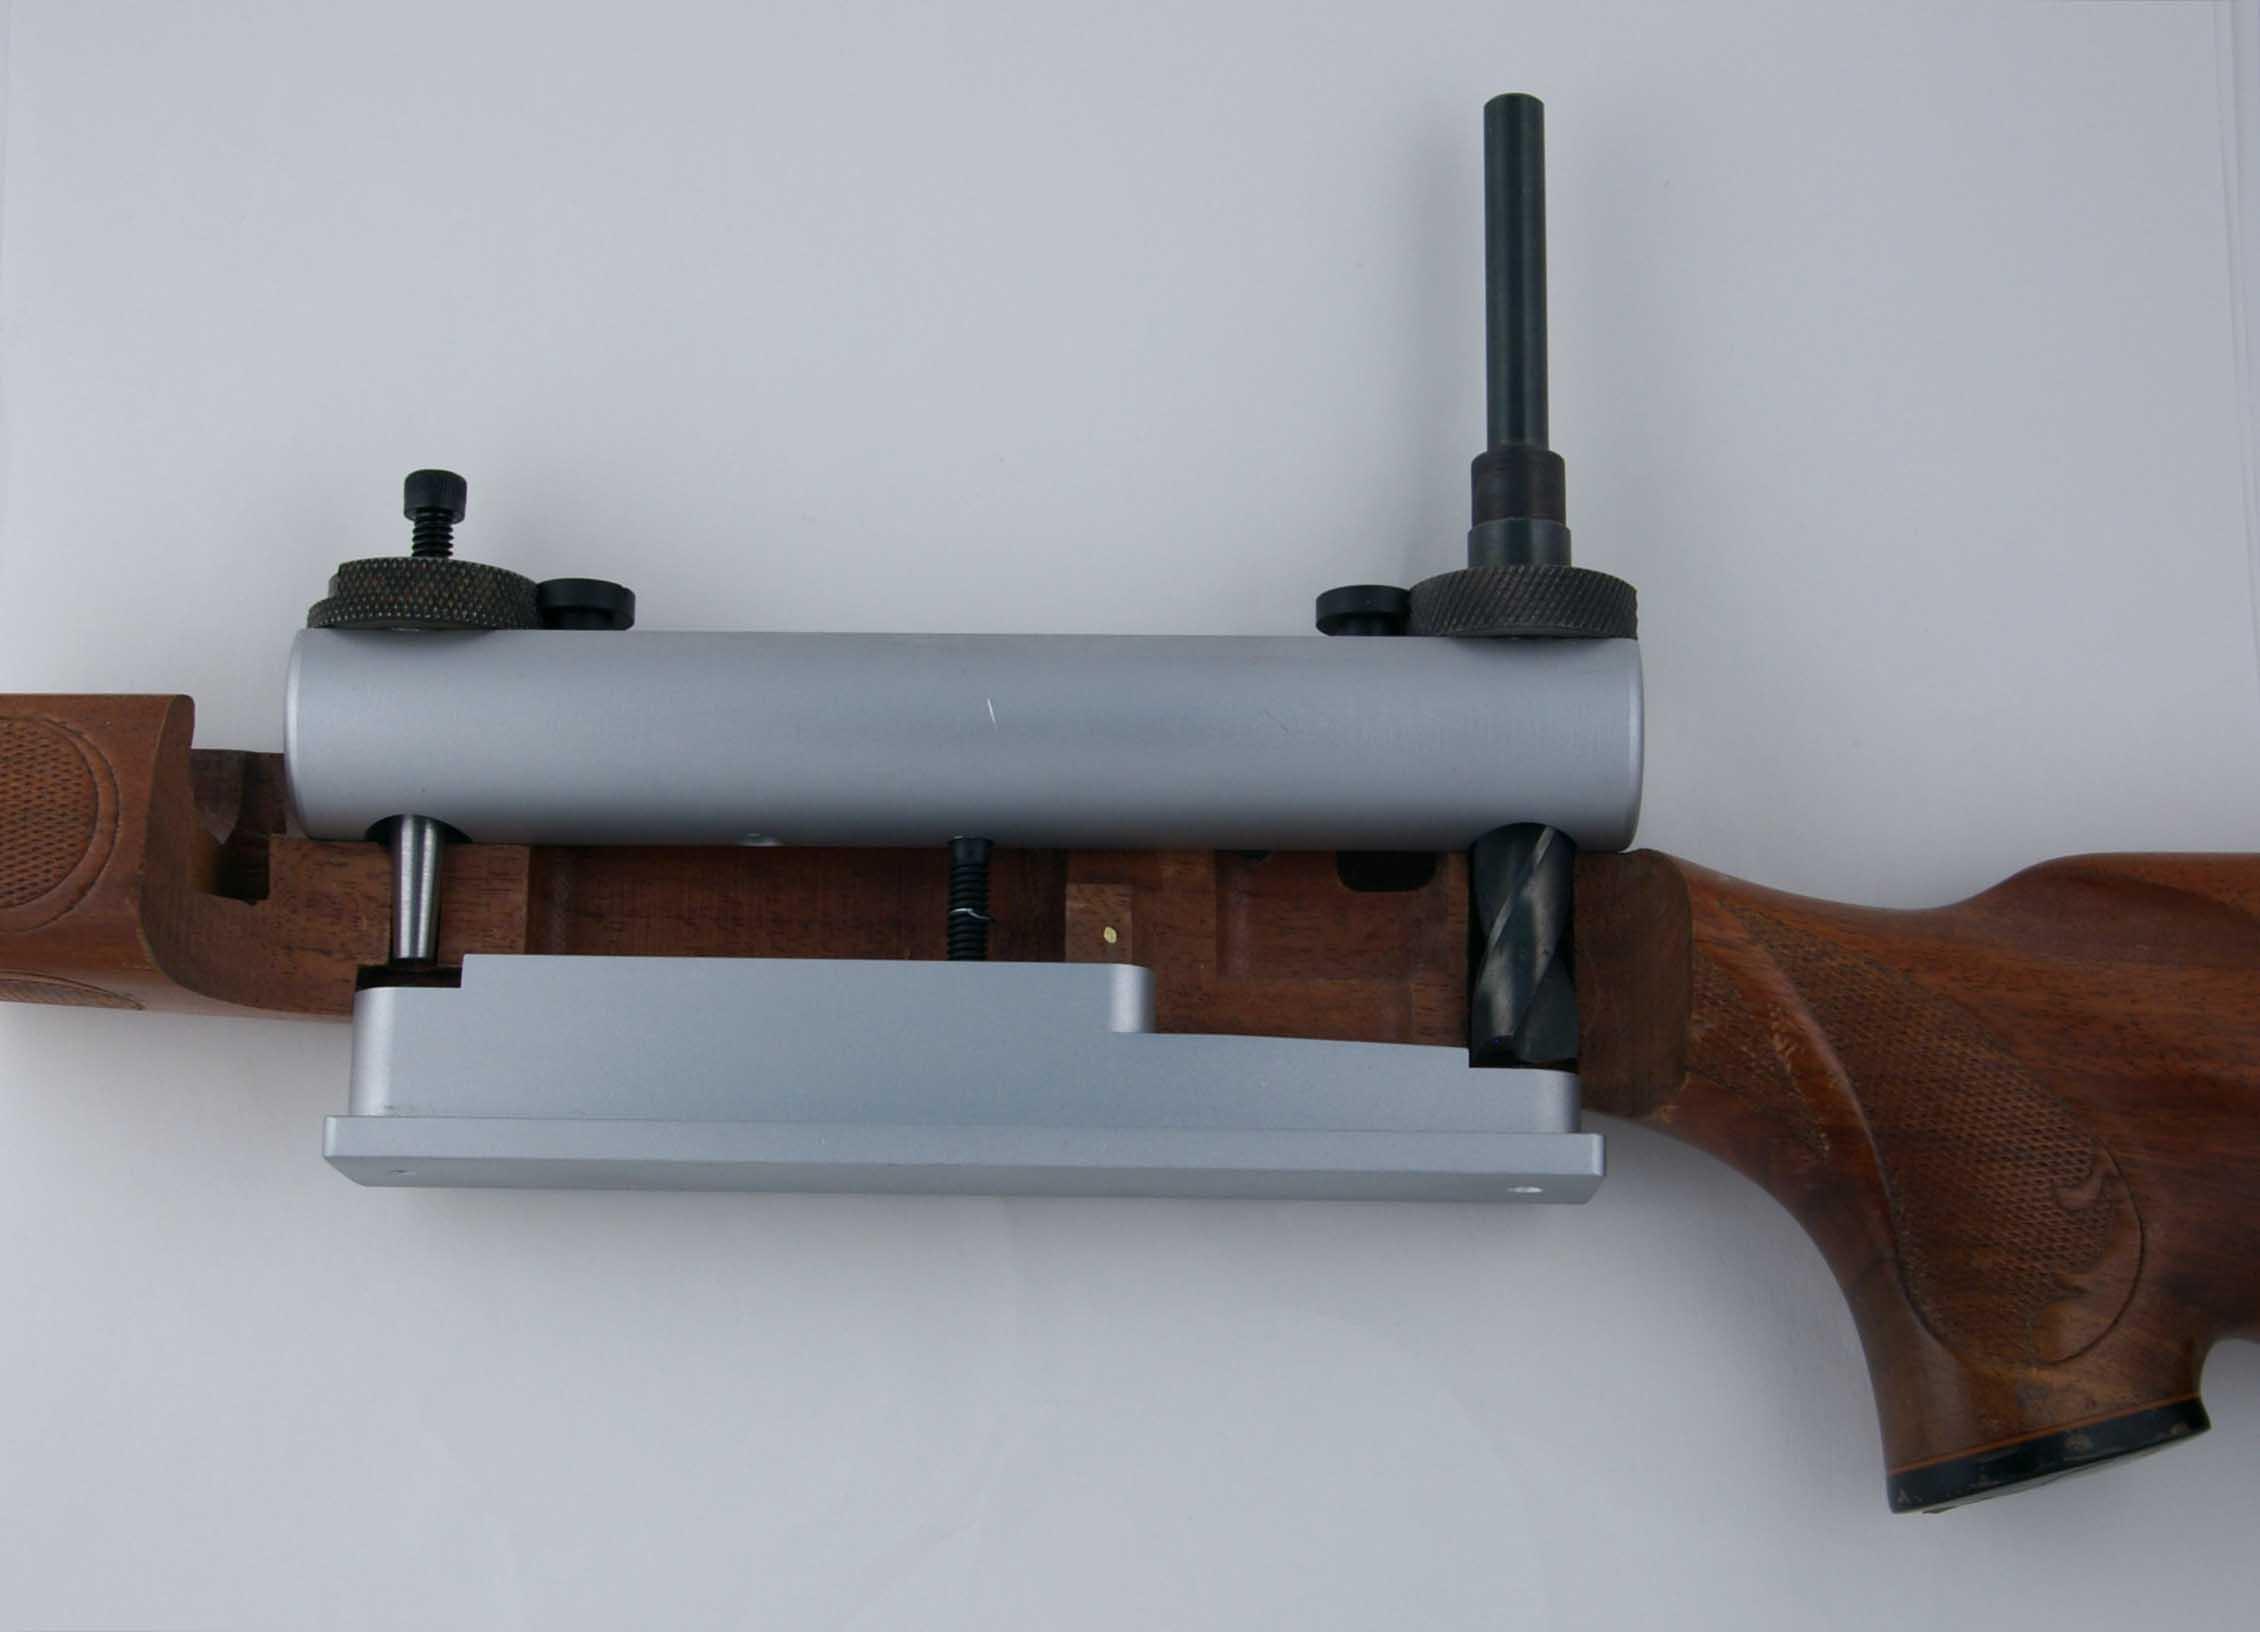 LA /& SA for Pillar Bedding Remington 700 Stock Drilling jig